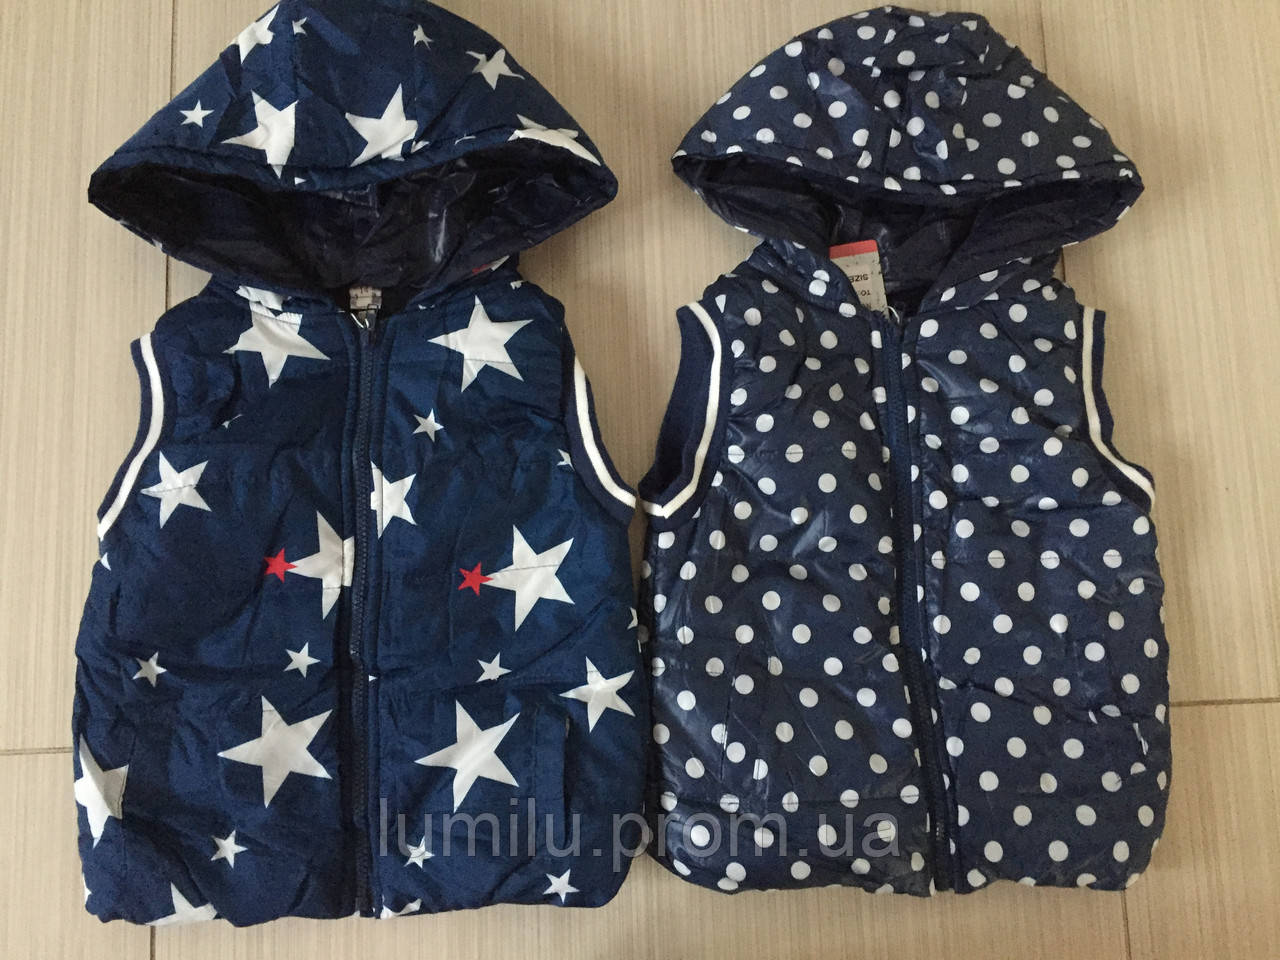 3622122b0dae Теплая жилетка на мальчика на 2-7 лет - Интеренет-магазин детской одежды